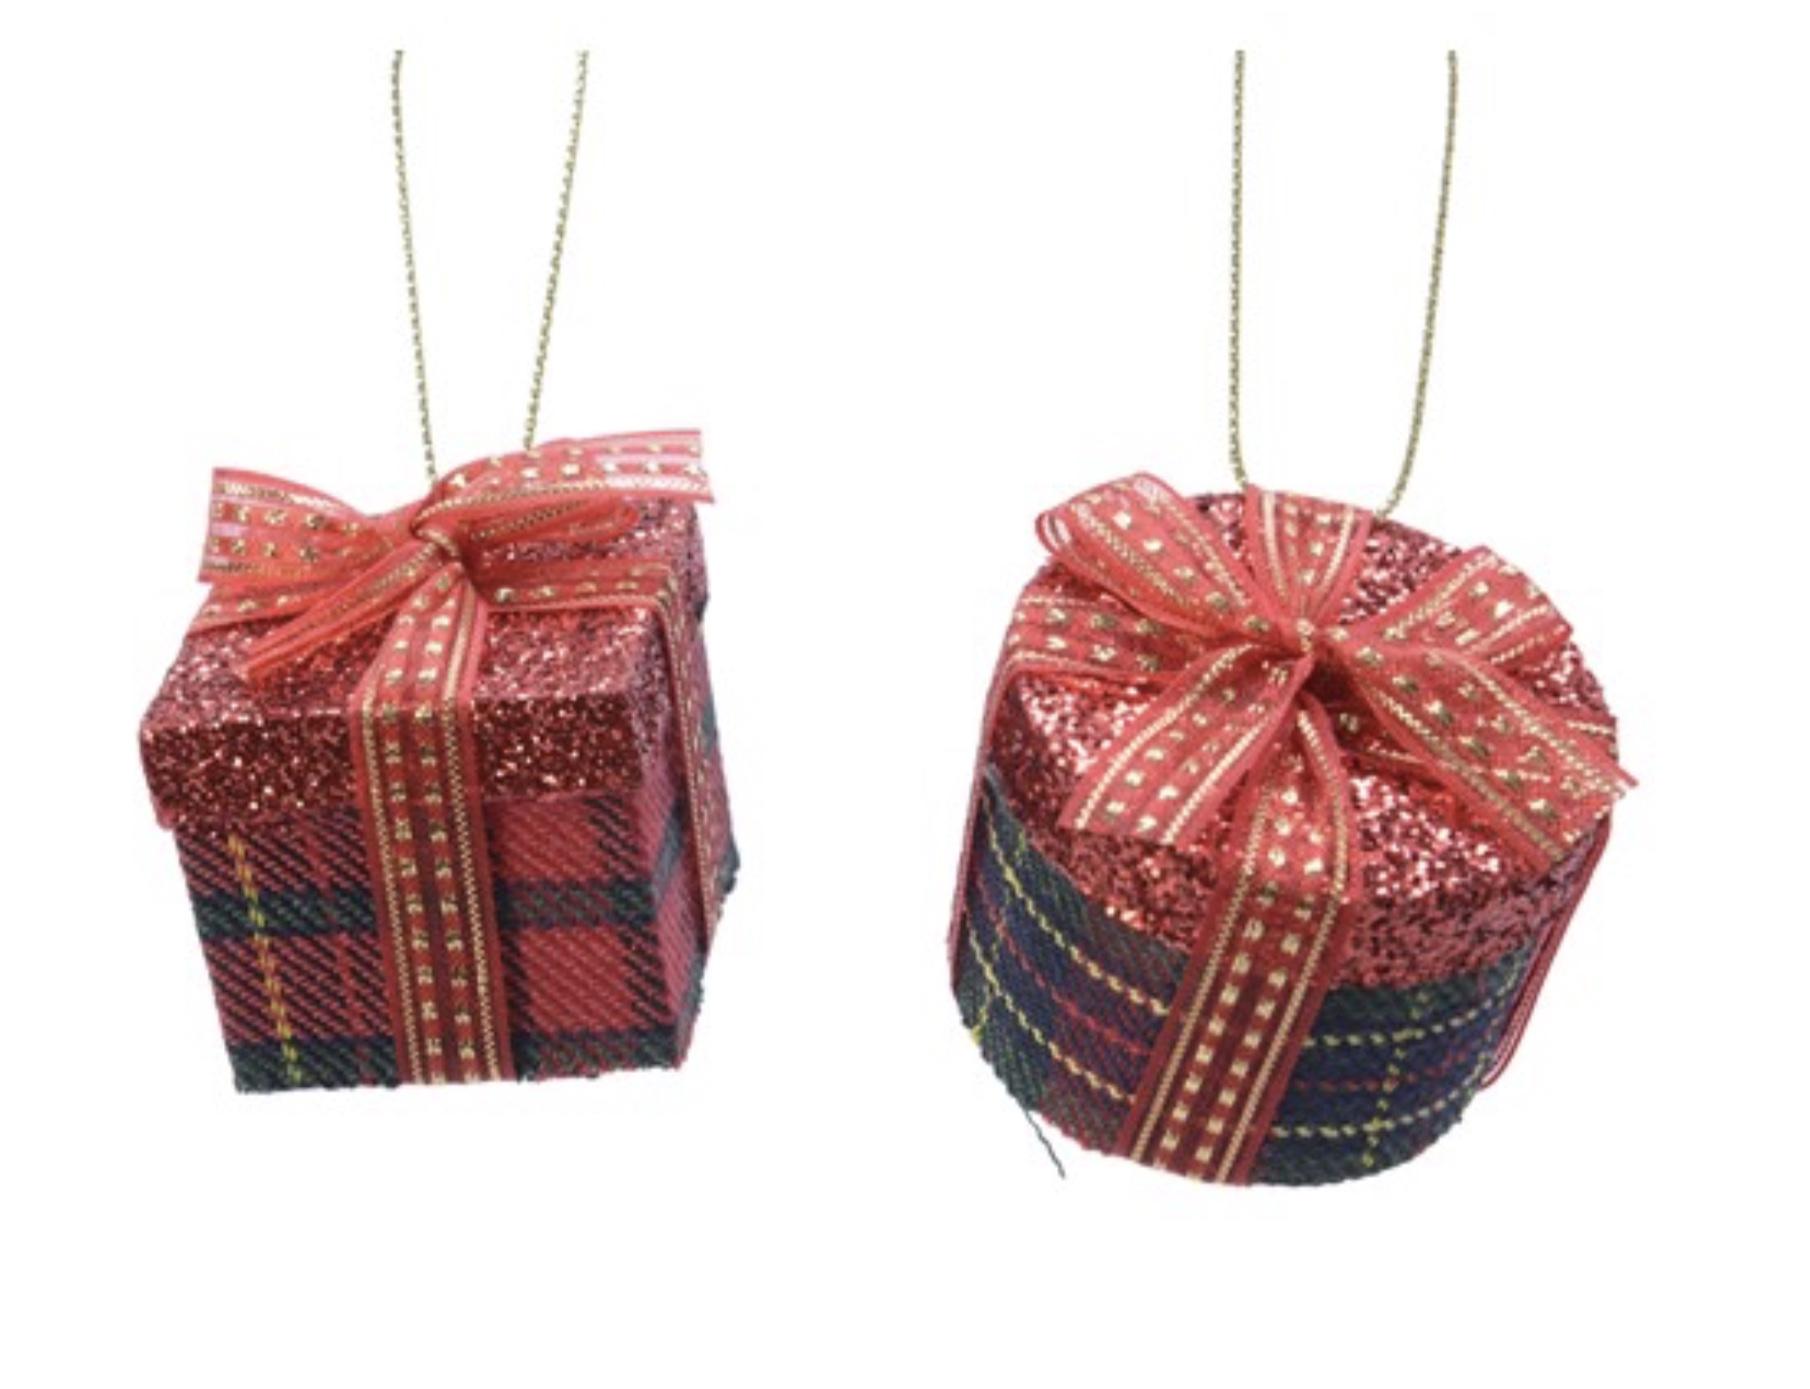 Tartan Gifts - Set of Two